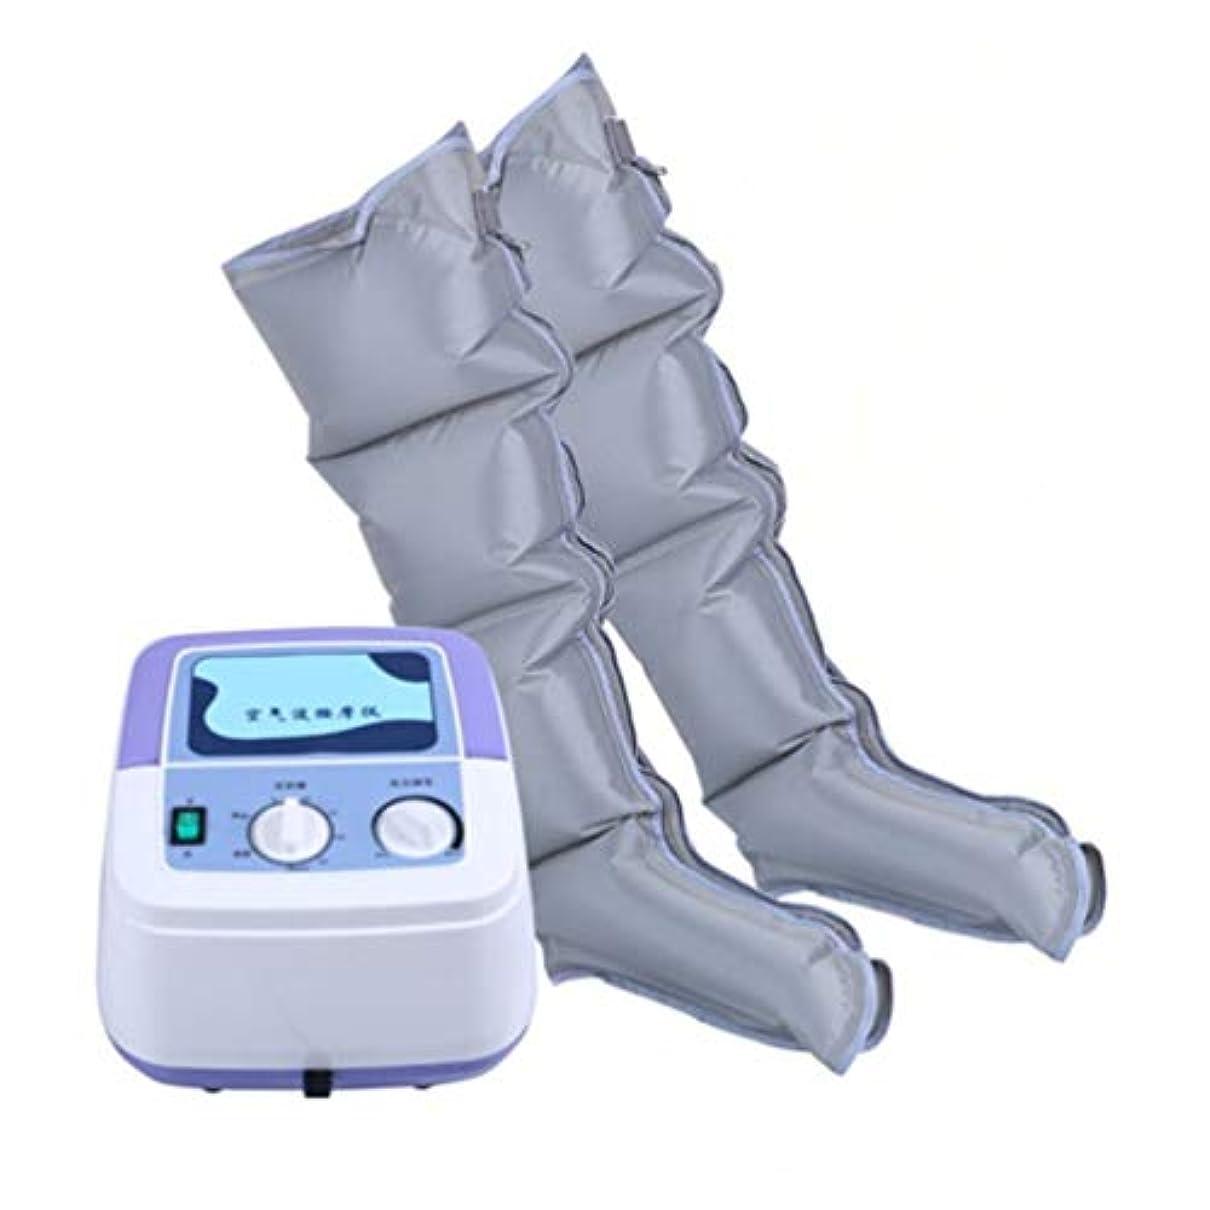 ハイキング航空警告する足および足の筋肉の循環のマッサージ療法のための空気圧縮の足のマッサージャーは腫れおよび浮腫の苦痛を助けます